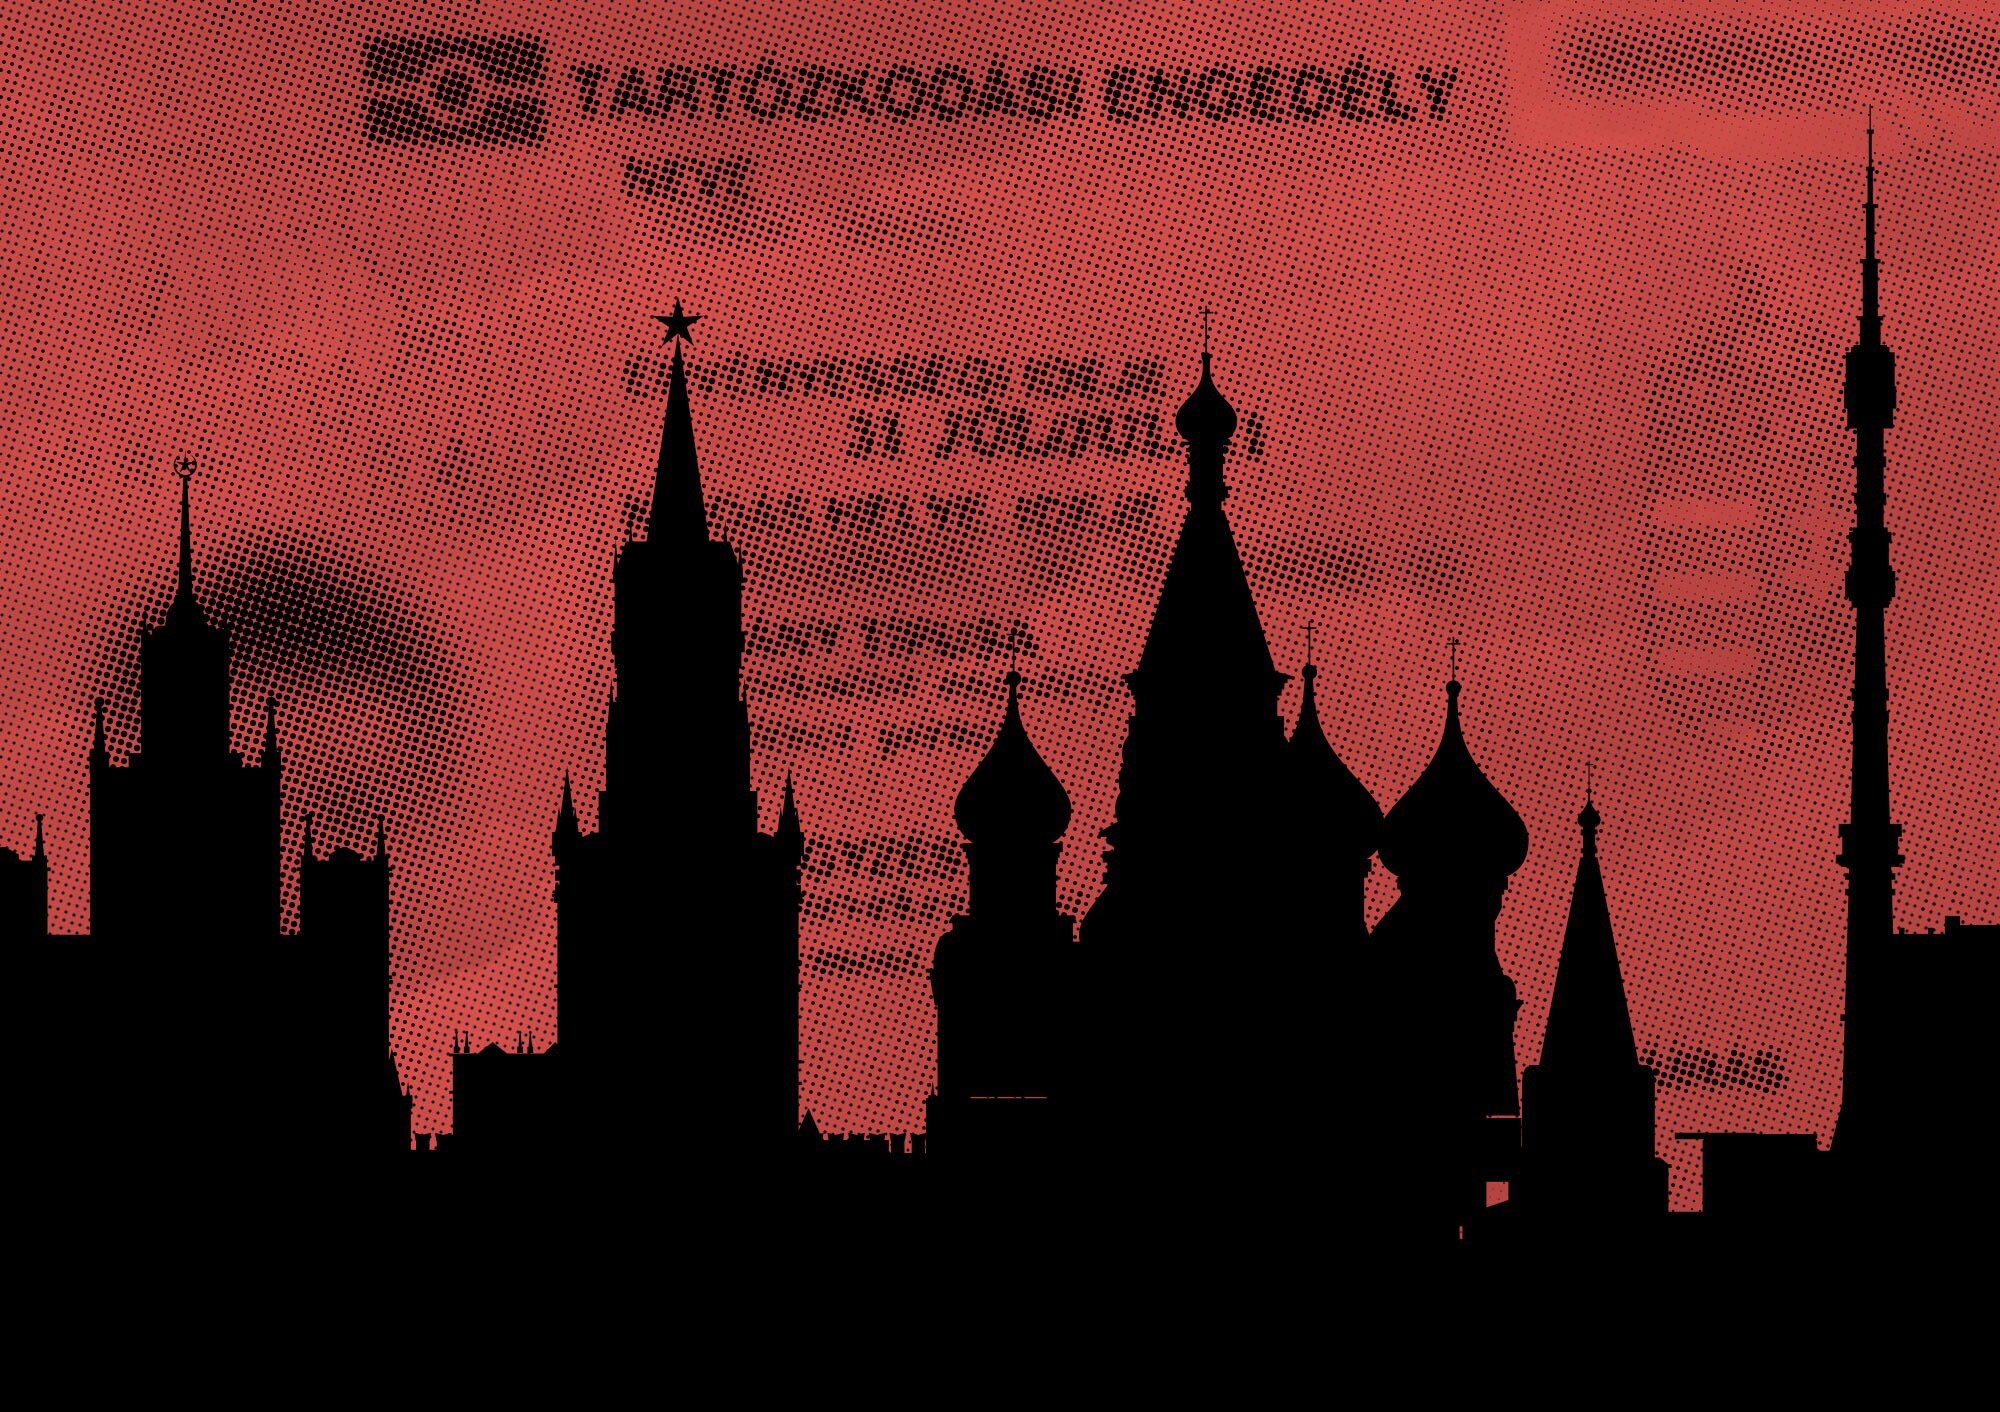 Friss hírek: A letelepedésikötvény-programon keresztül több olyan külföldi is magyar papírokhoz jutott, akik komoly biztonsági kockázatot jelenthetnek az ország és az Európai Unió számára. Zöldi Blanka beszámolója arról, hogyan találtuk meg őket.